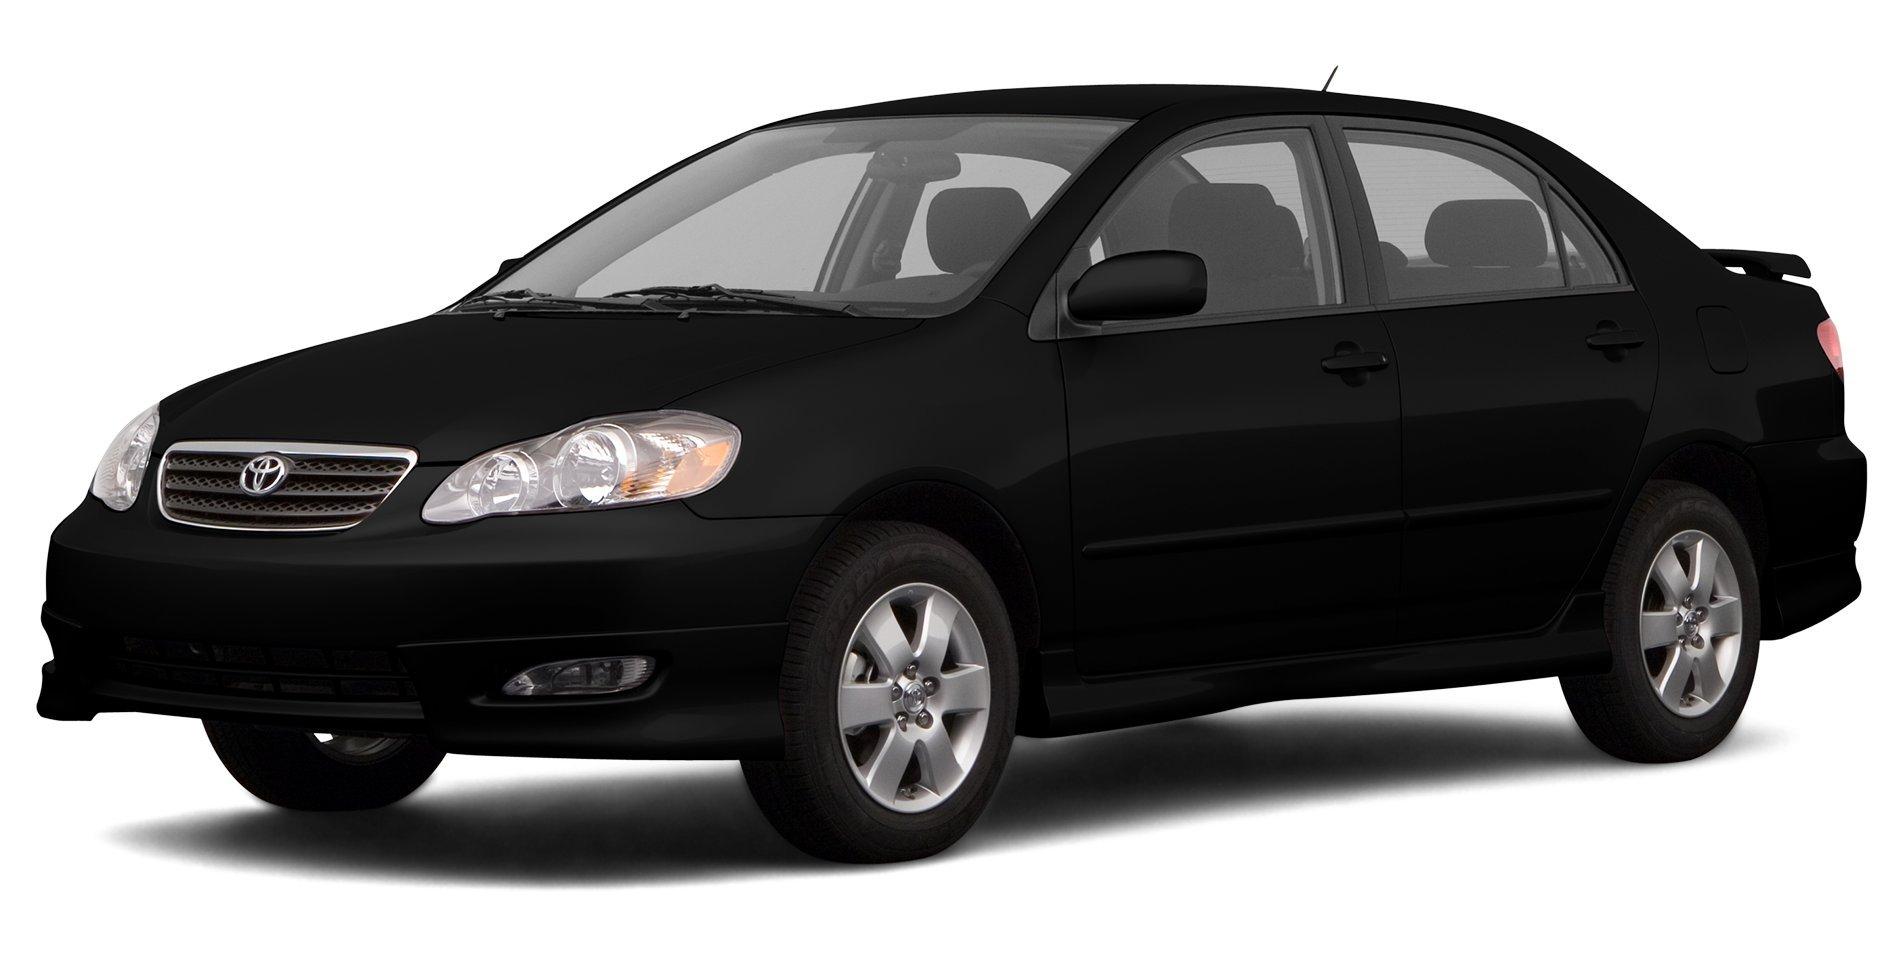 Kelebihan Toyota Corolla 2008 Perbandingan Harga